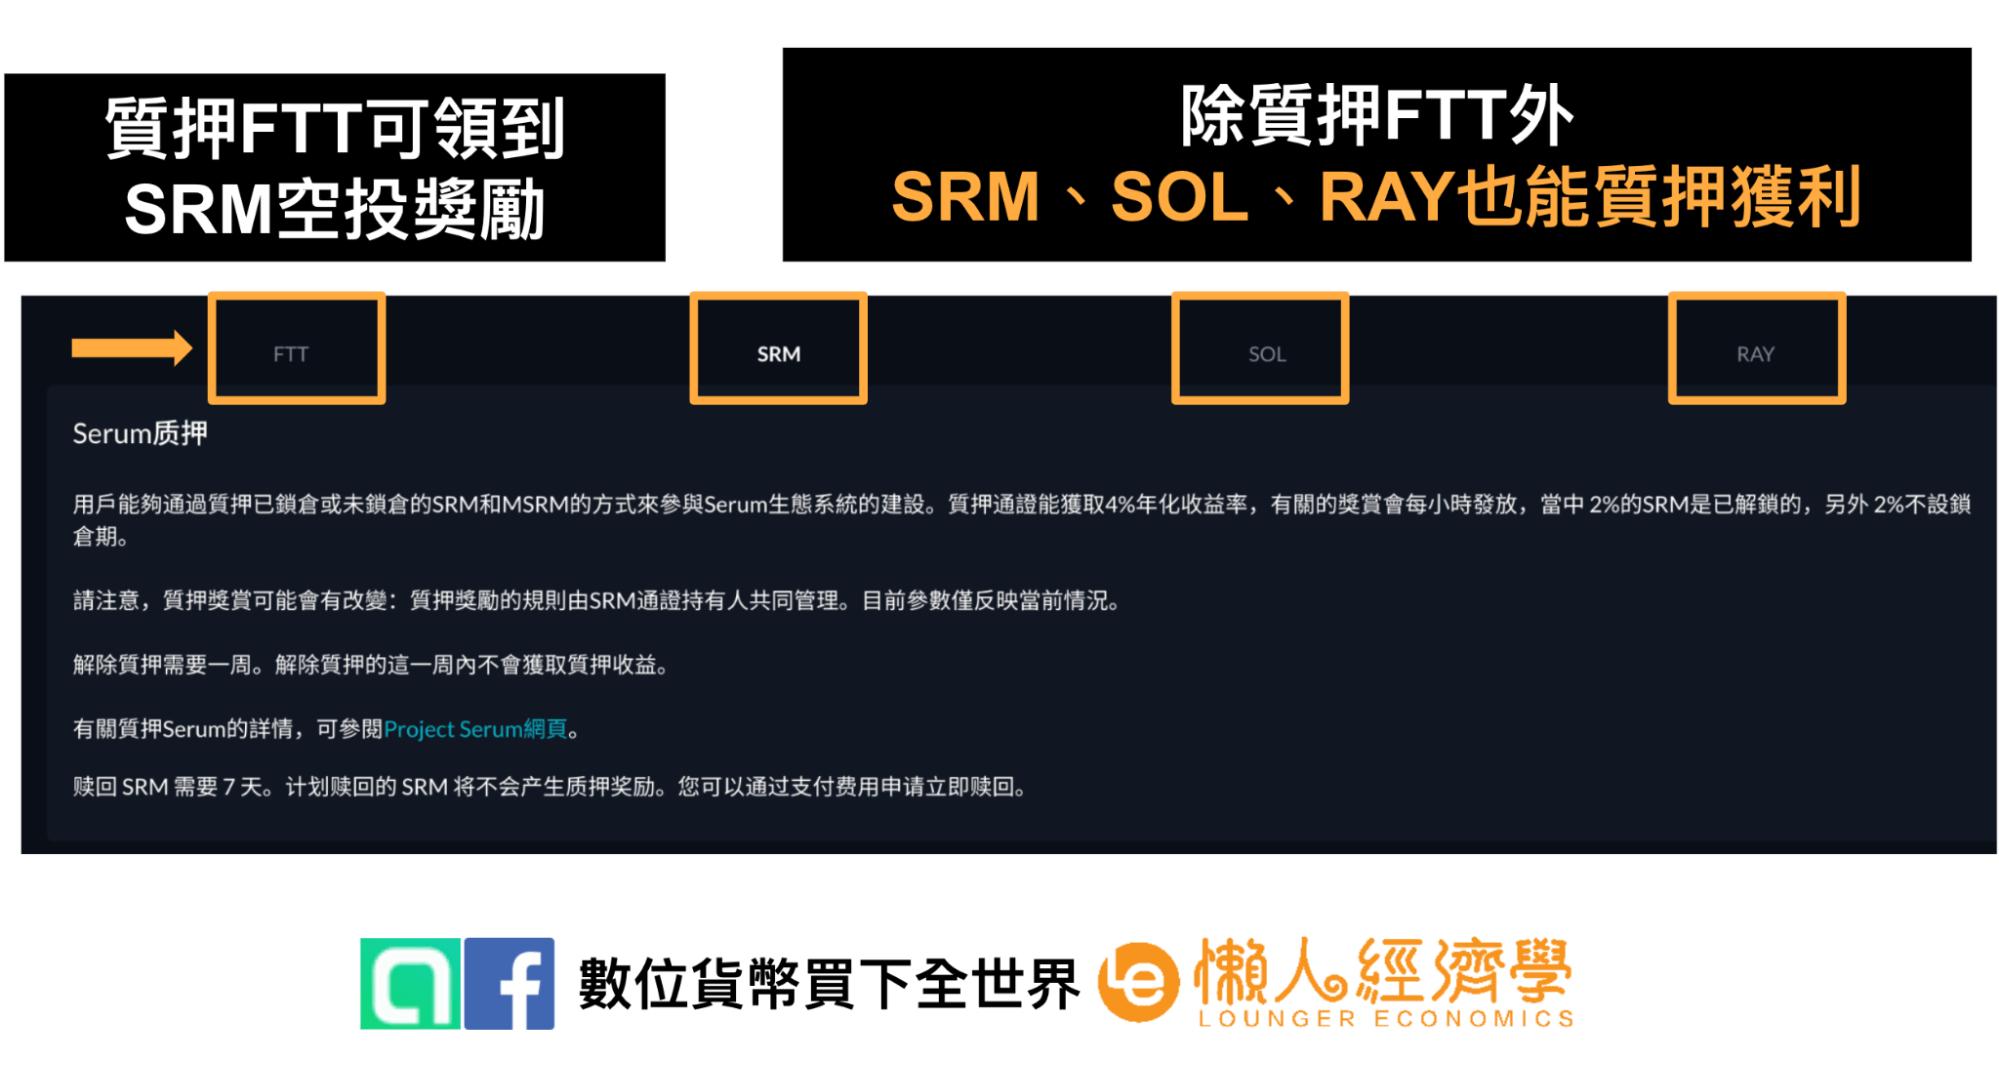 質押獲得FTX交易所優惠獎勵,領取SRM和其他空投獎勵